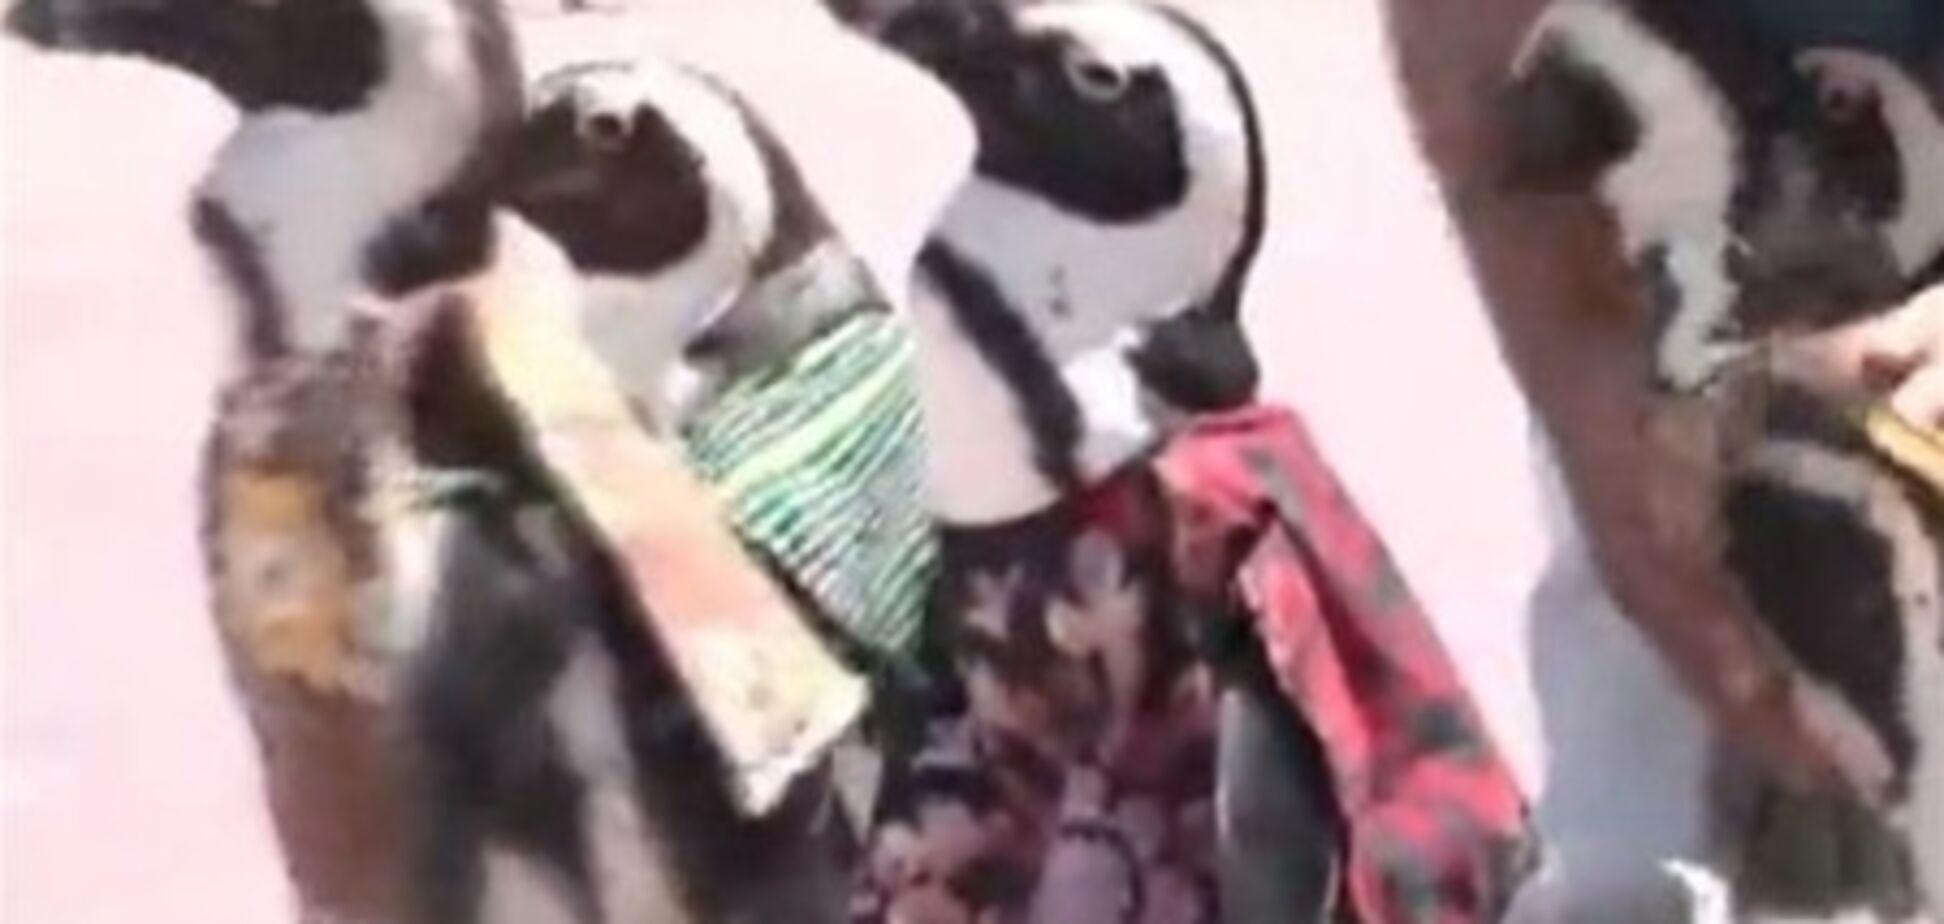 Пінгвіни в африканських костюмах зустріли лідерів Африки в Японії